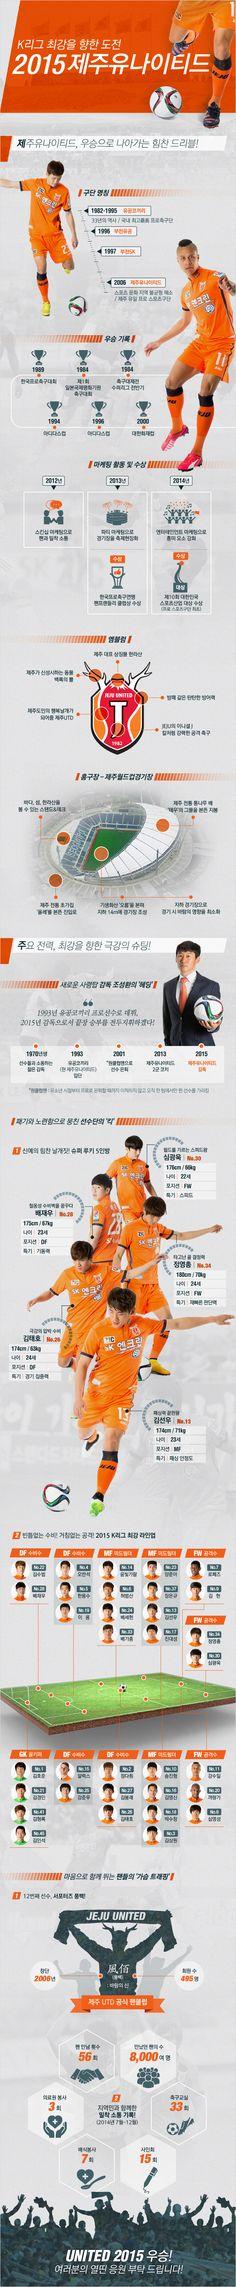 K리그 최강을 향한 도전 '2015 제주유나이티드'에 관한 인포그래픽